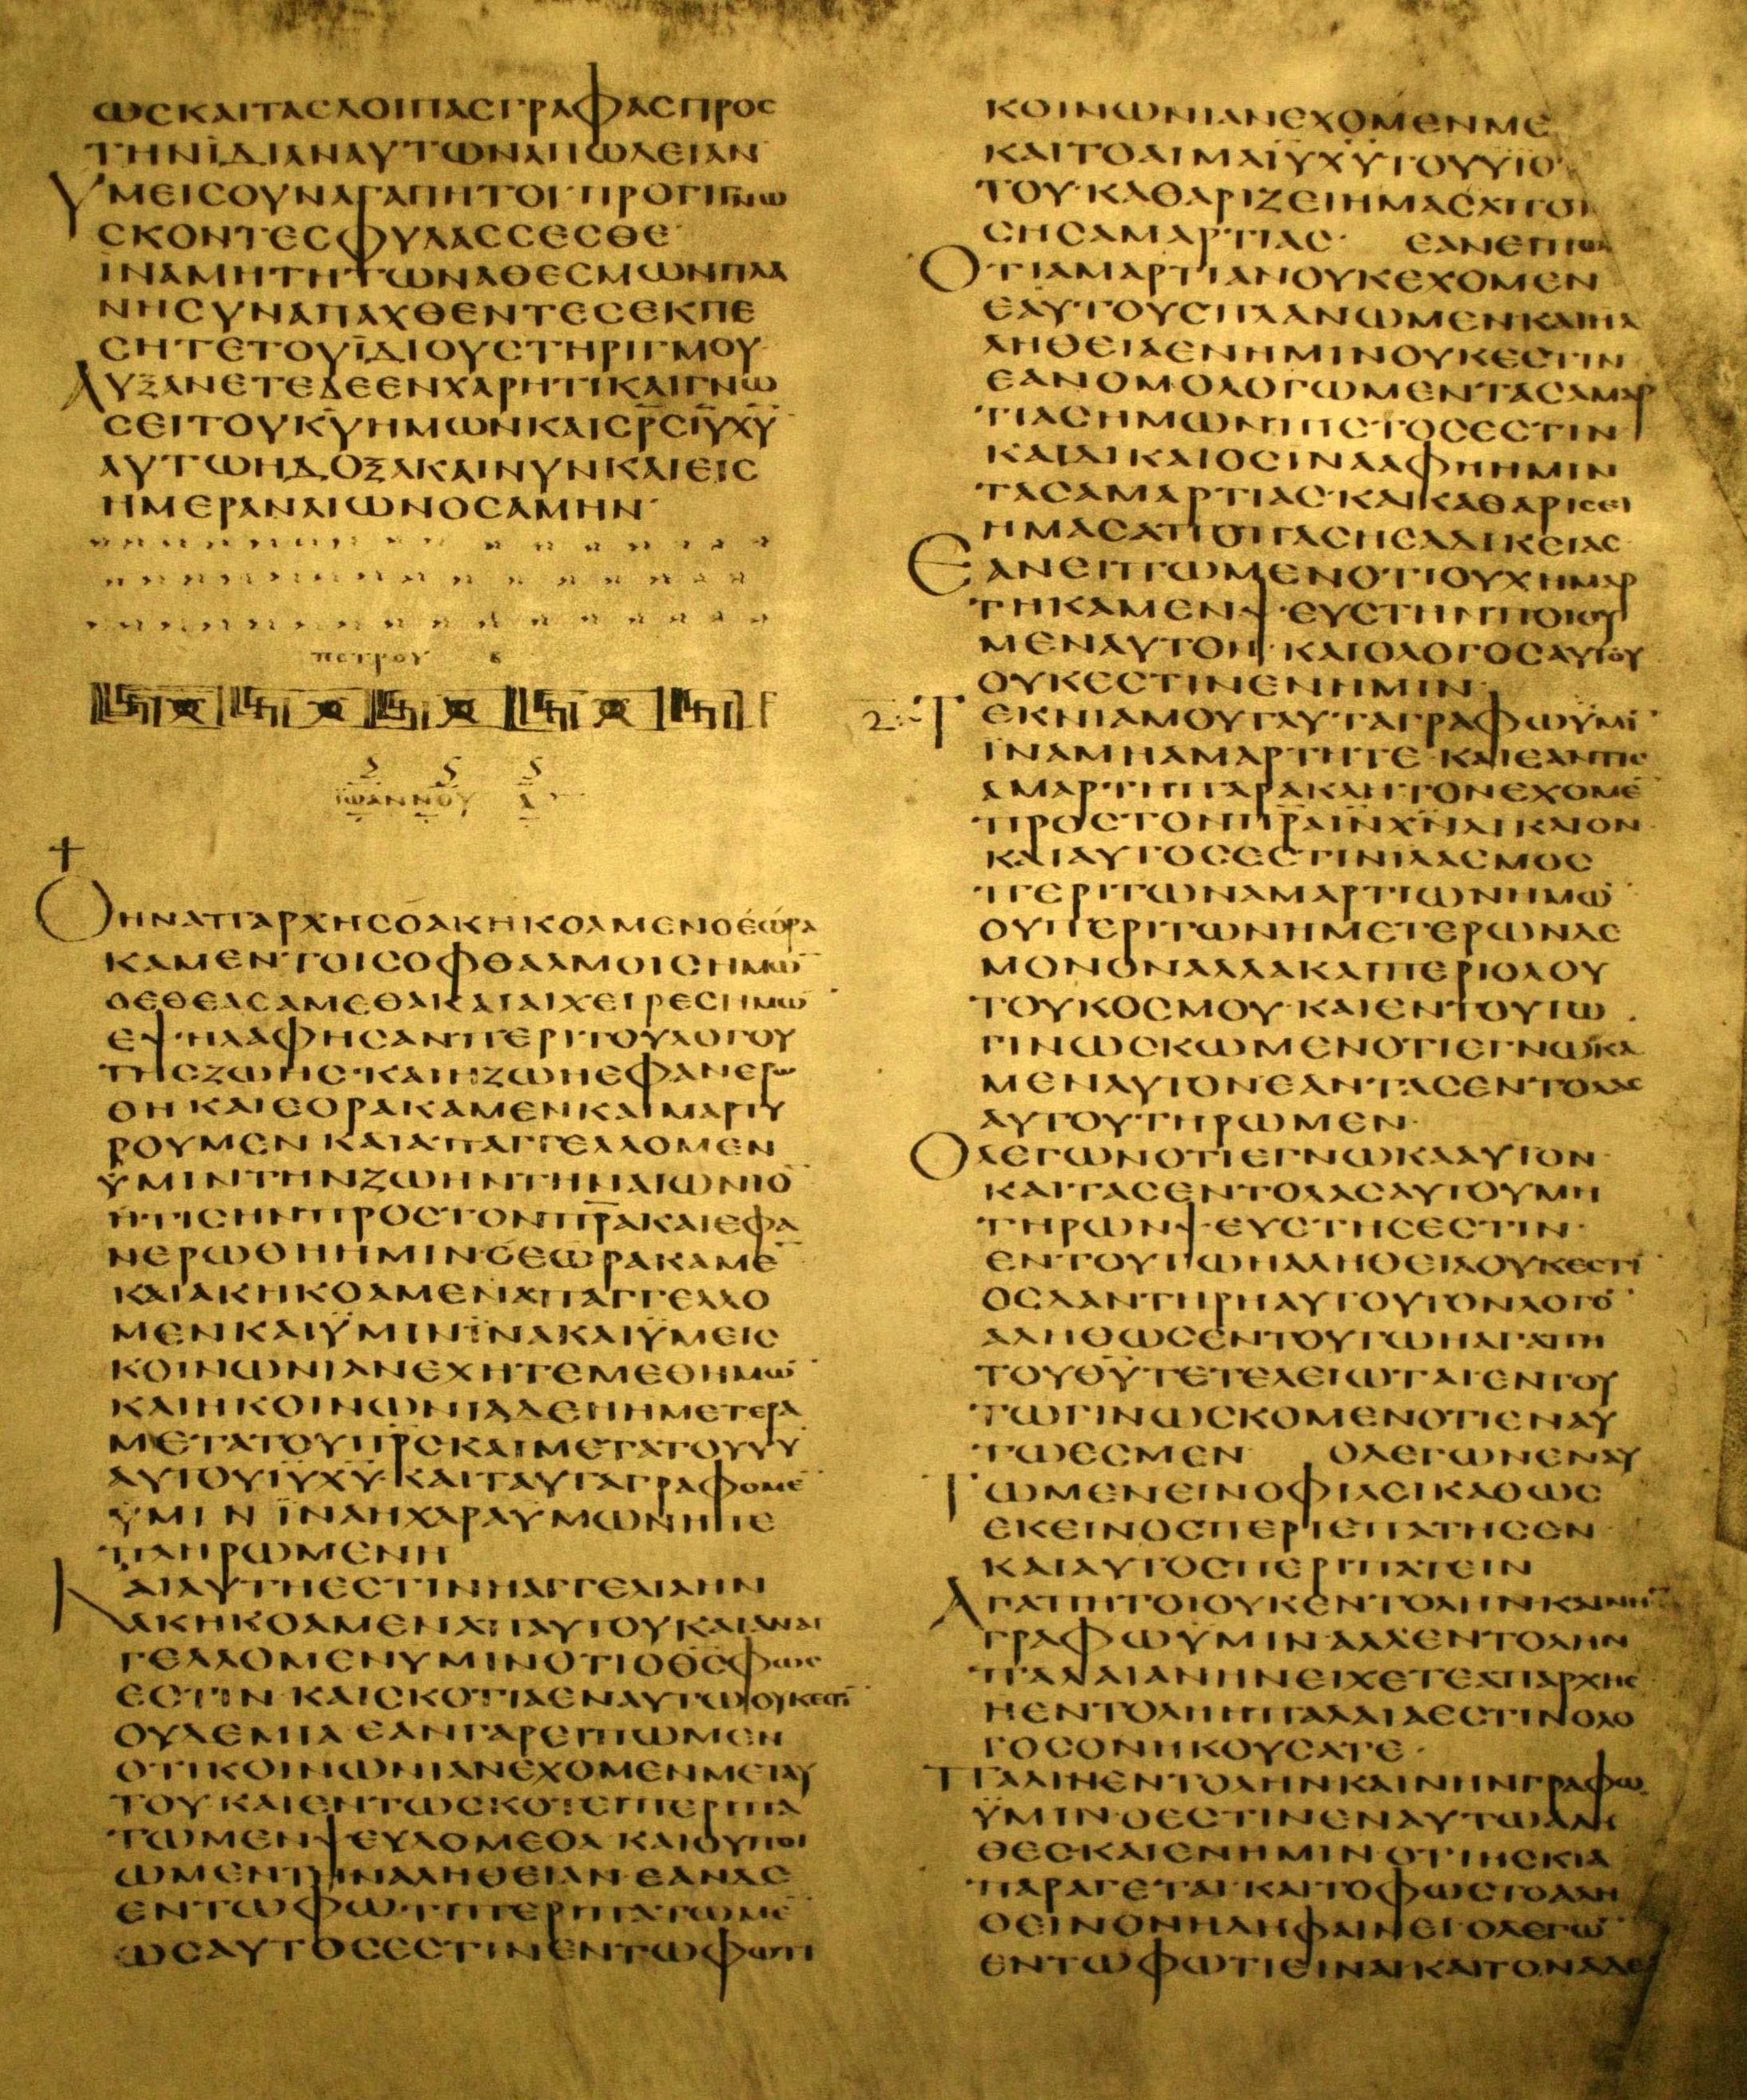 2 Peter 3 - Wikipedia